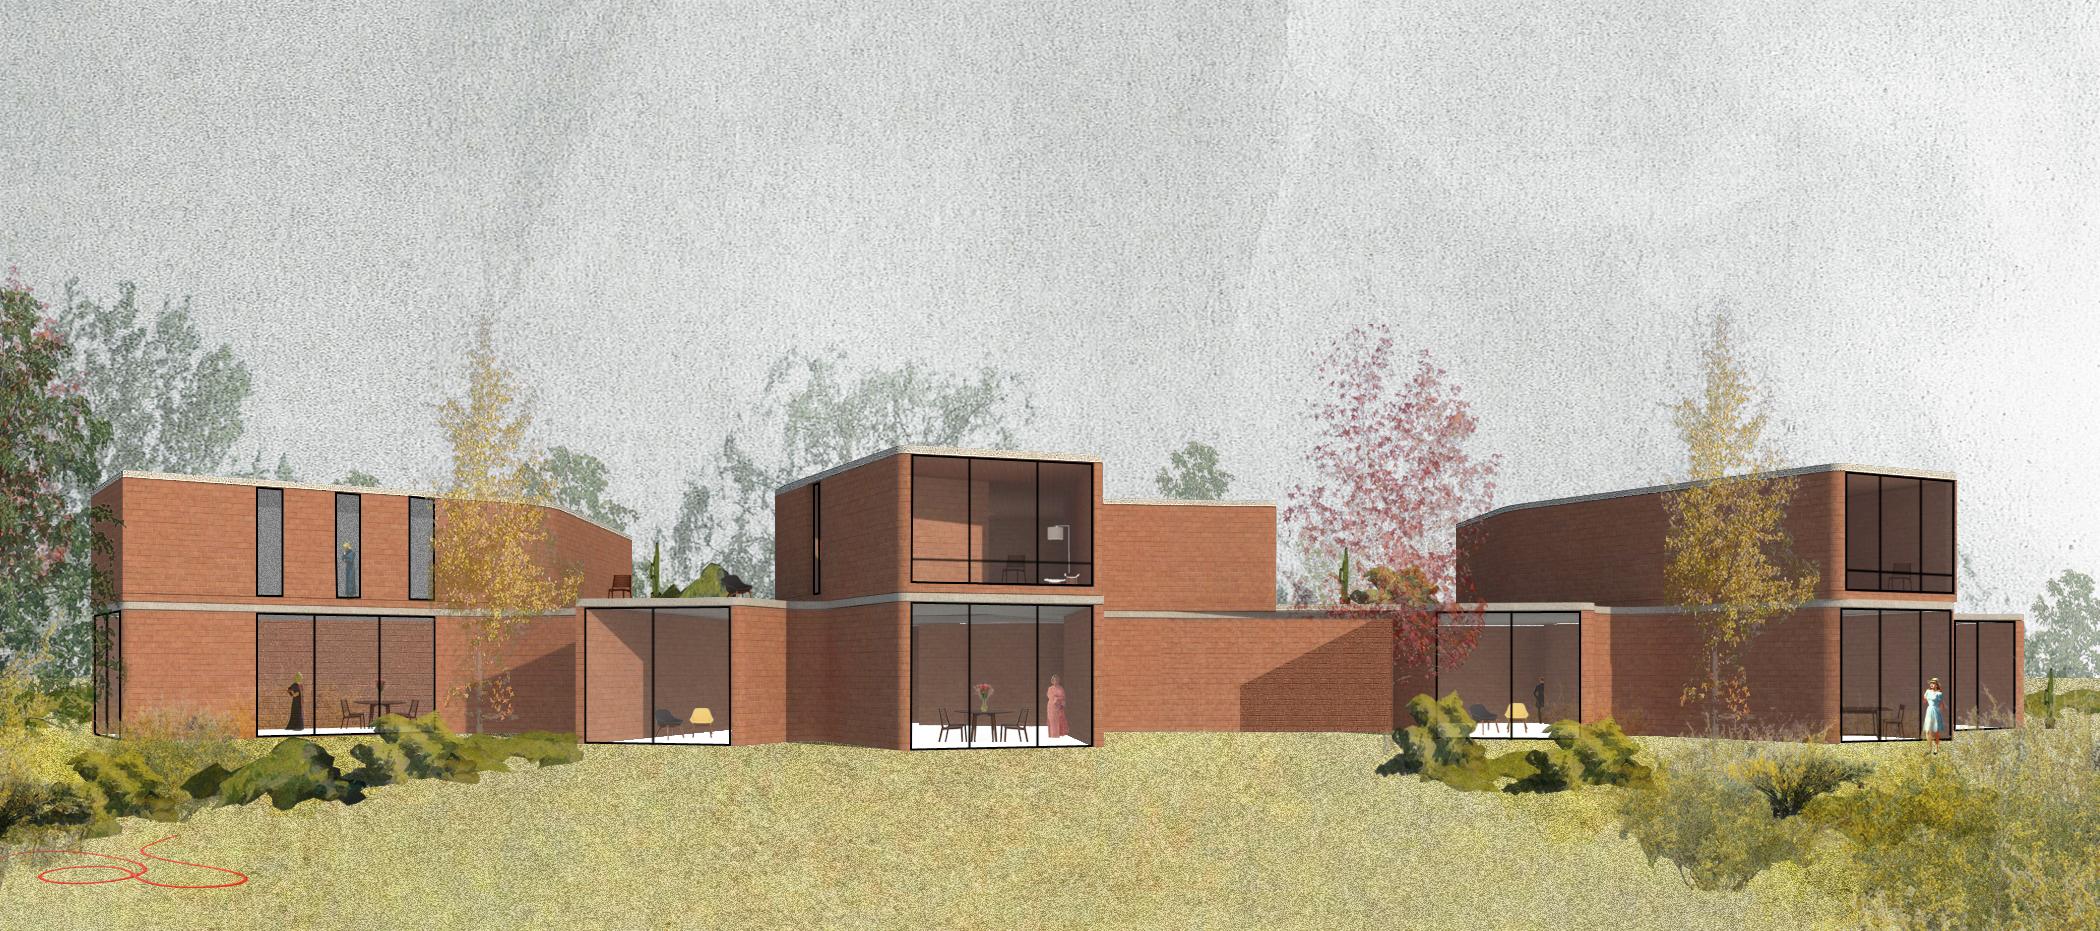 2013 - La Dehesa Houses